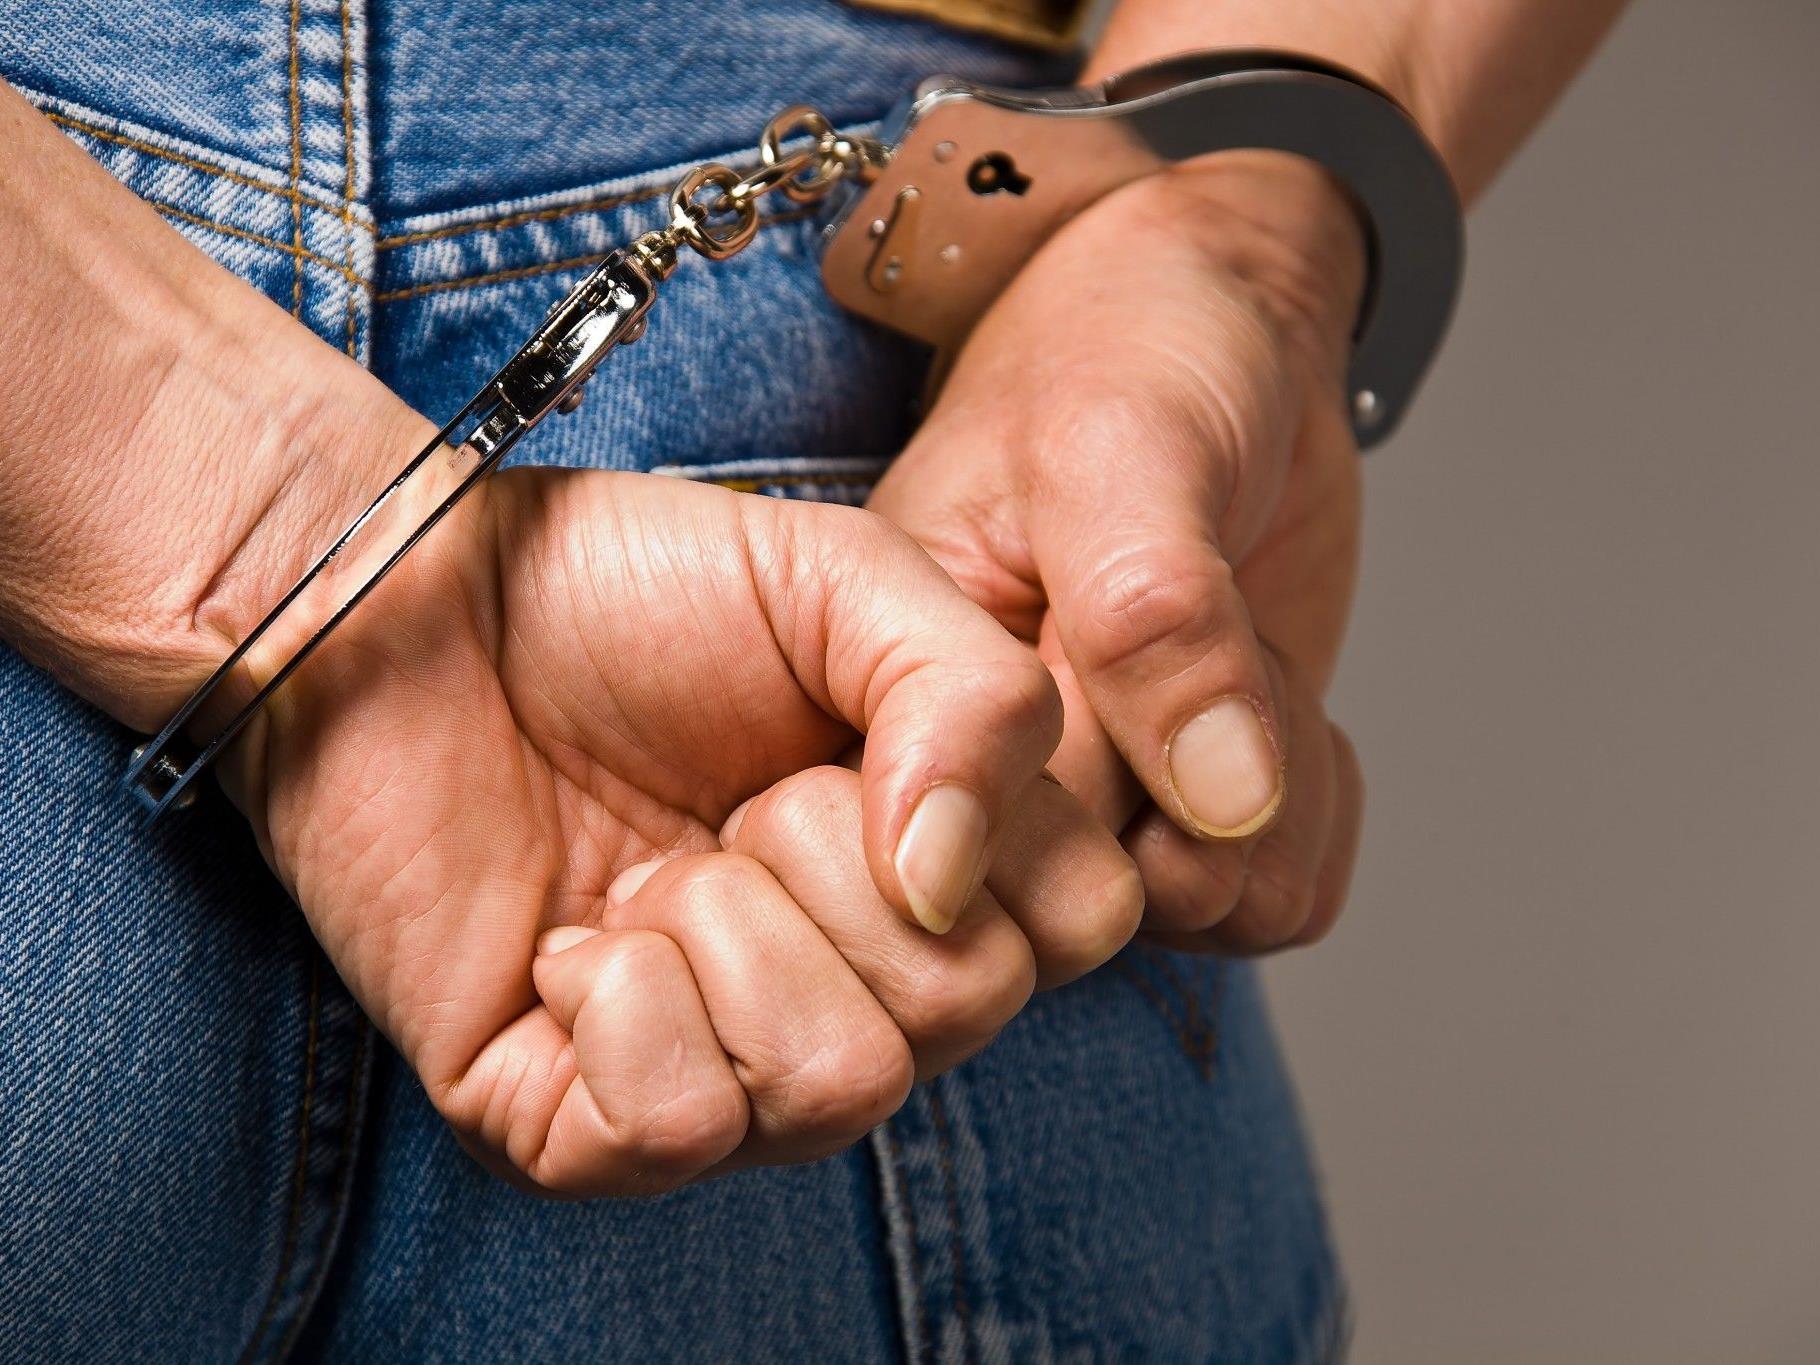 Der 31-jährige Wohnungsinhaber, in der der 24-Jährige erschossen wurde, wurde festgenommen.